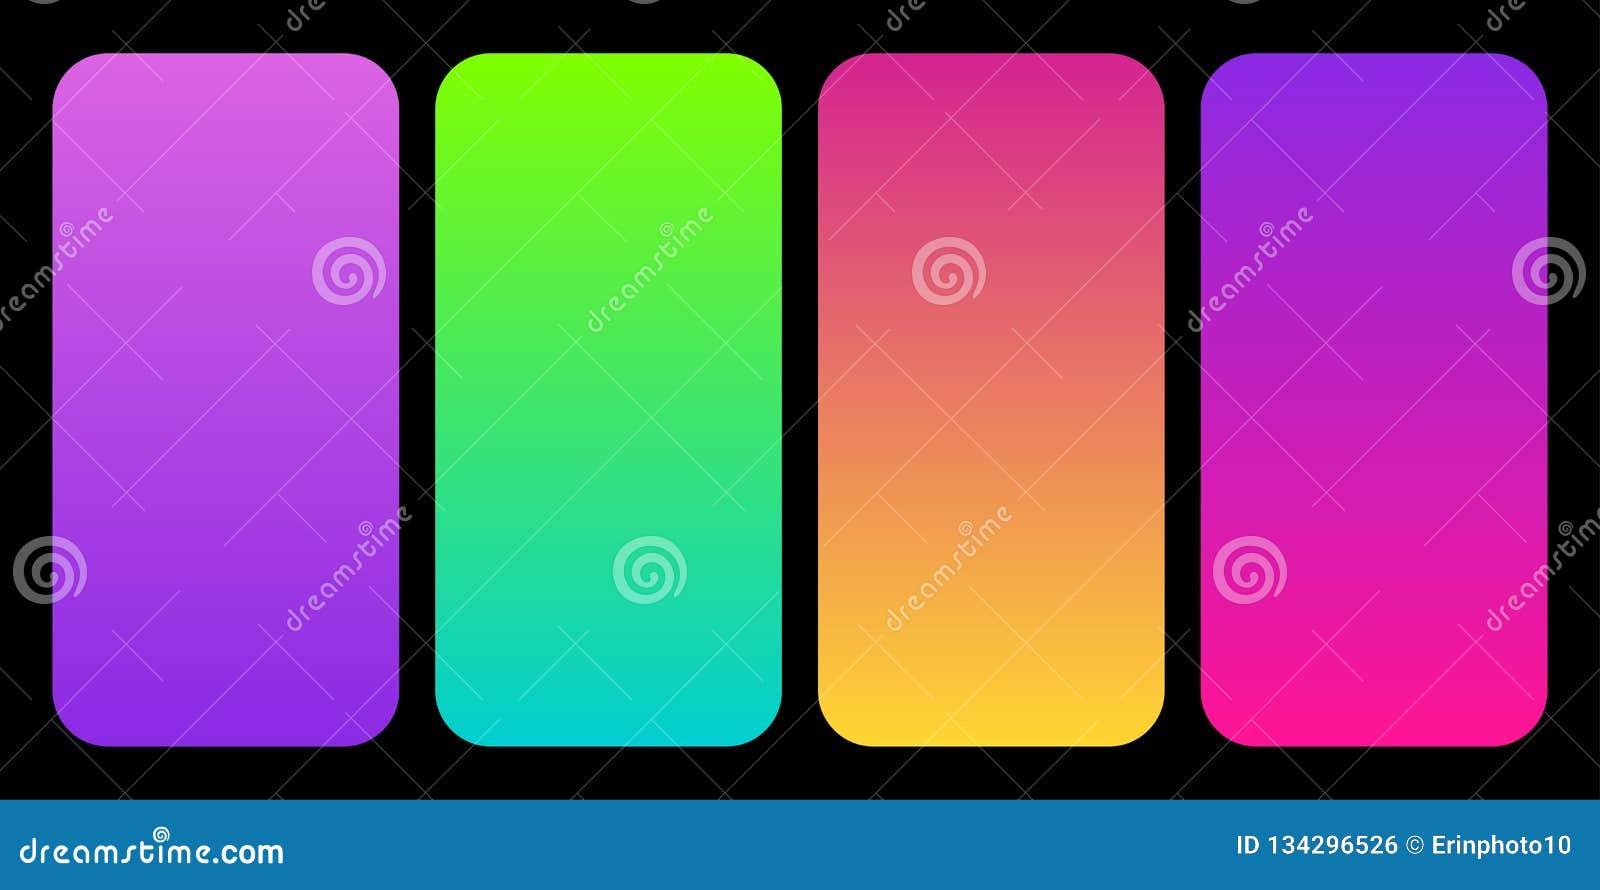 In 2019 Gradiënteninzameling van het Kleurenpalet zoals reeks van Plastic Groen Roze, UFO, Proton-Purple en het Leven Koraal